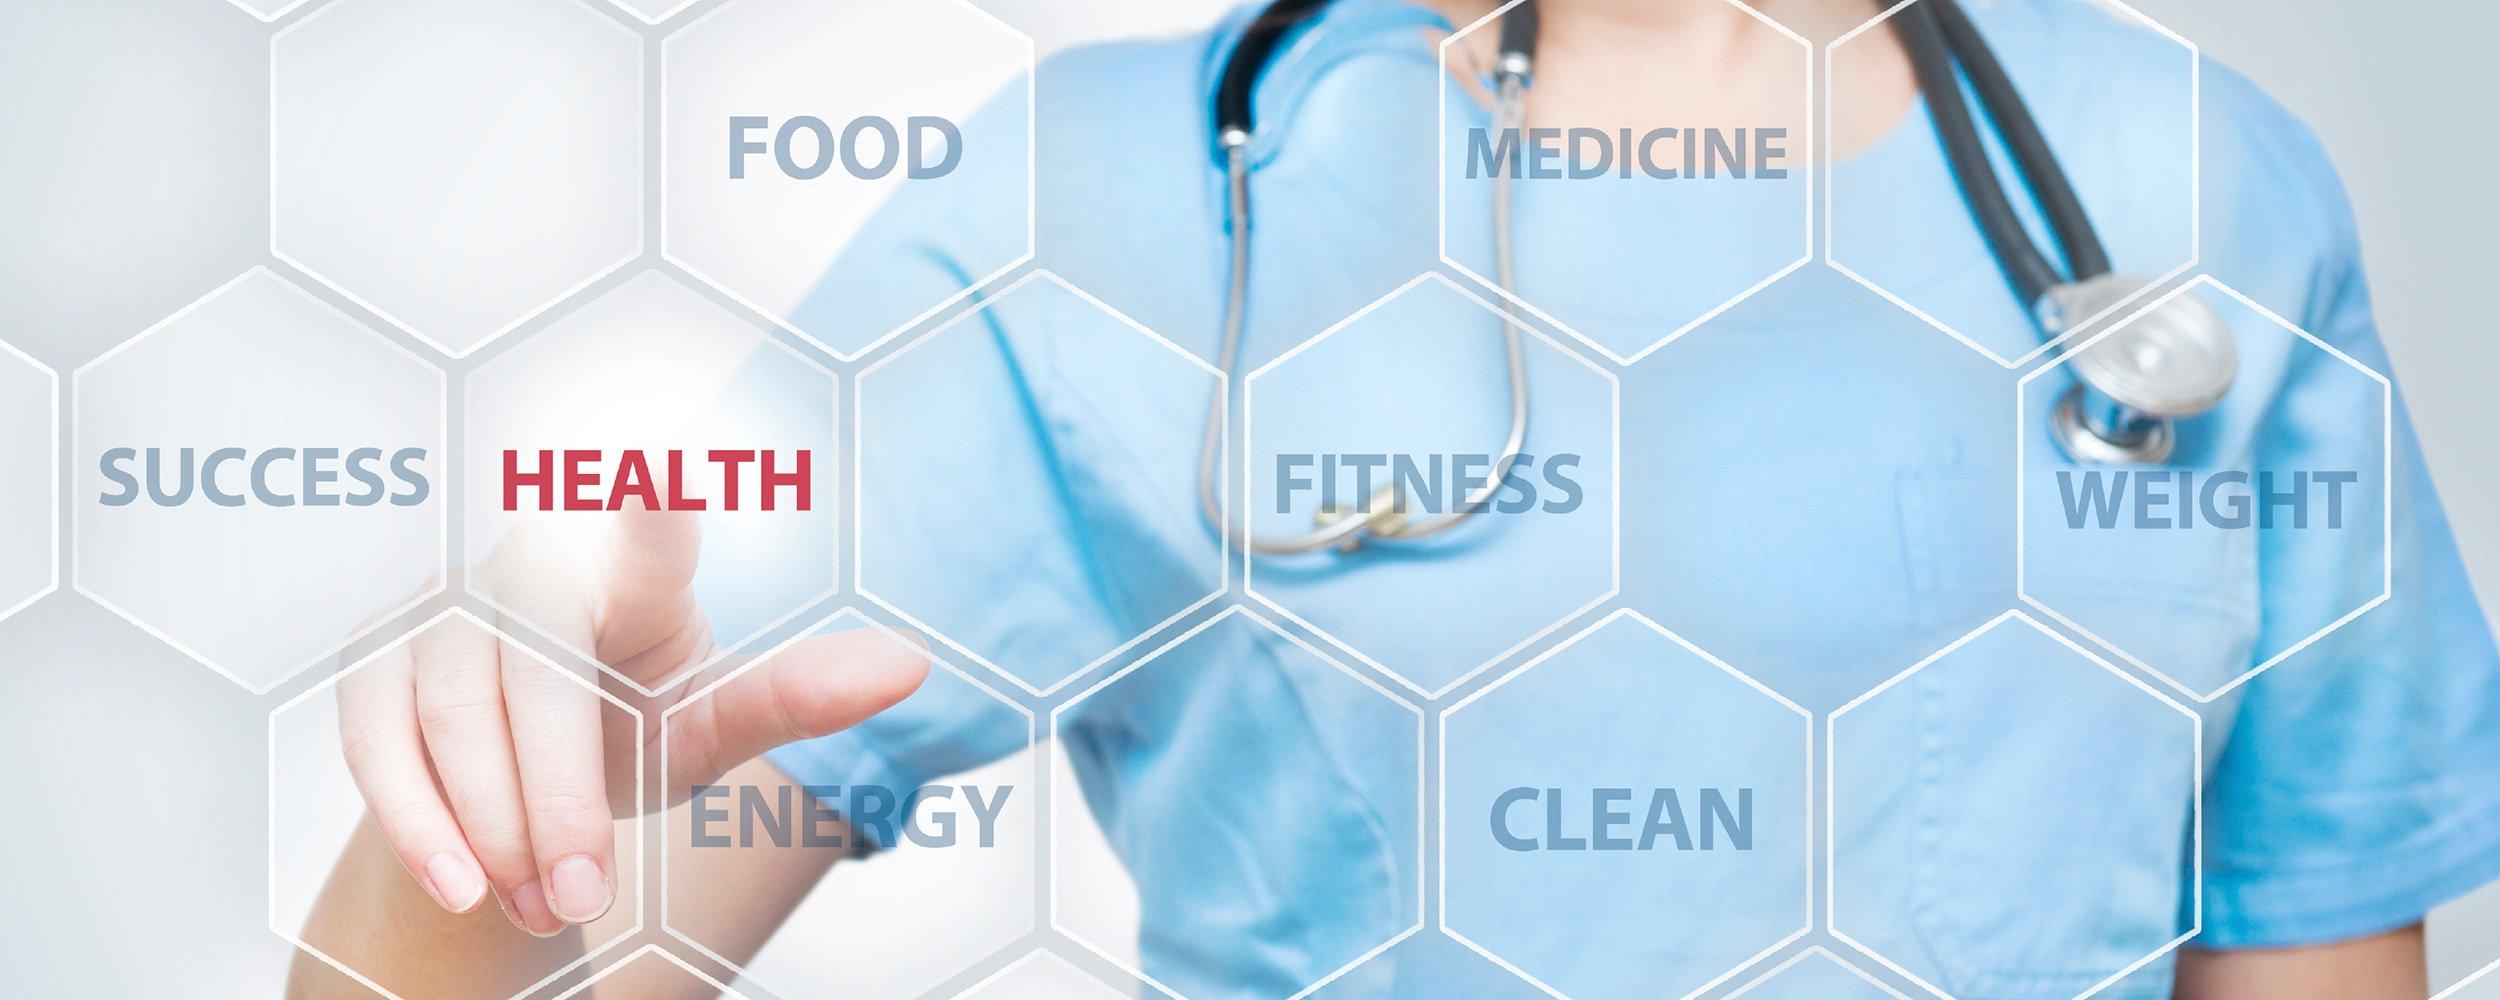 Psychotherapie-Behandlungen angestiegen: Corona-Pandemie und Lockdown als Gefahr – Heilpraxis